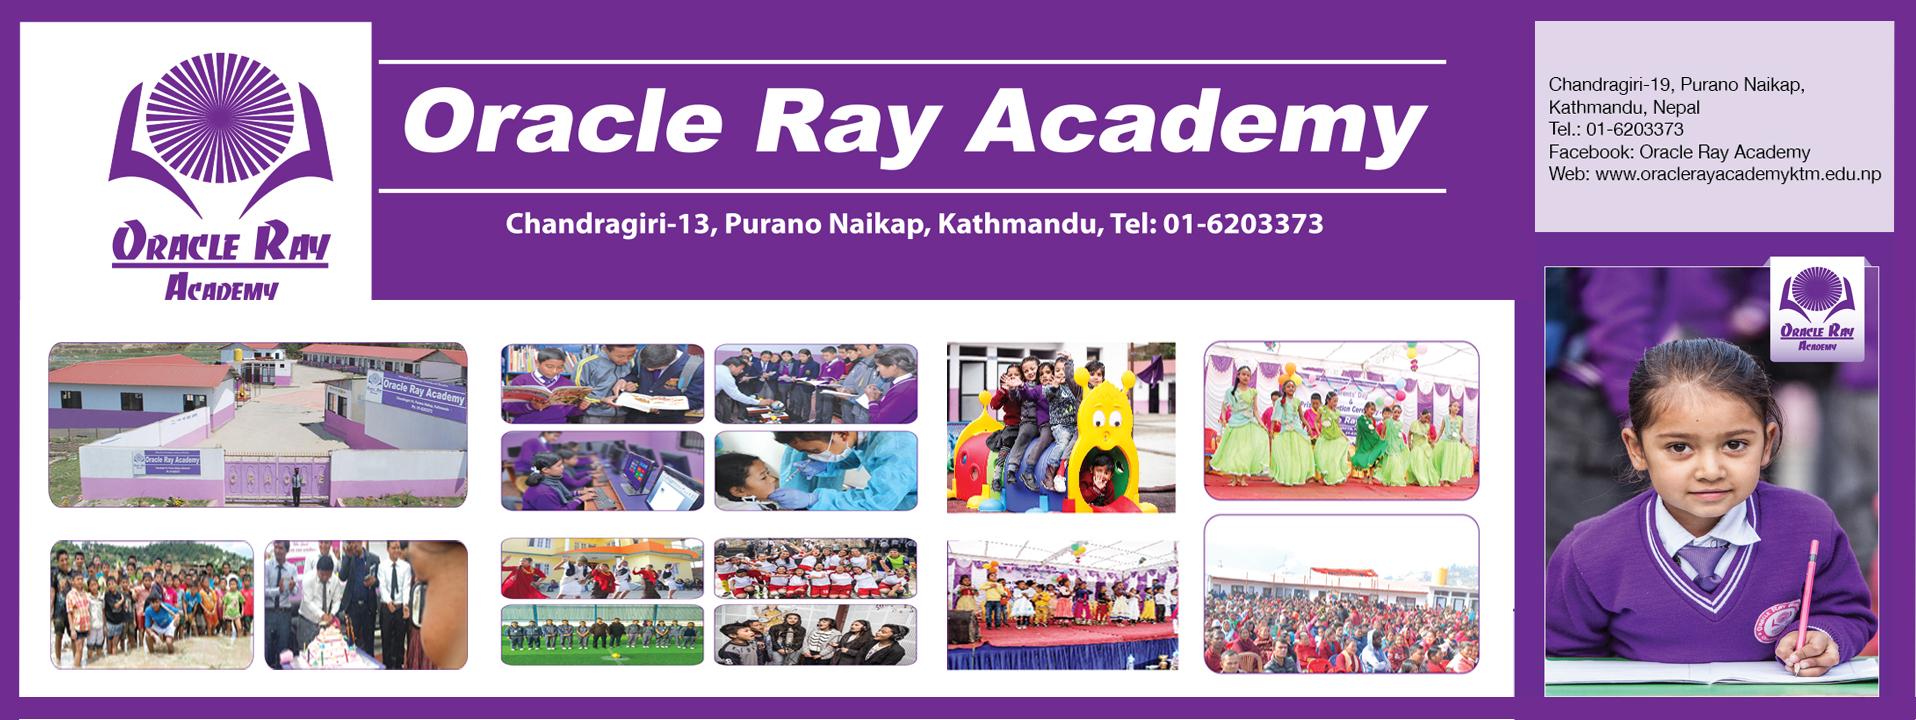 Chandragirinews oracalray अन्तर बिद्यालय बक्तृत्व कला प्रतियोगिता सम्पन्न शिक्षा    chandragiri